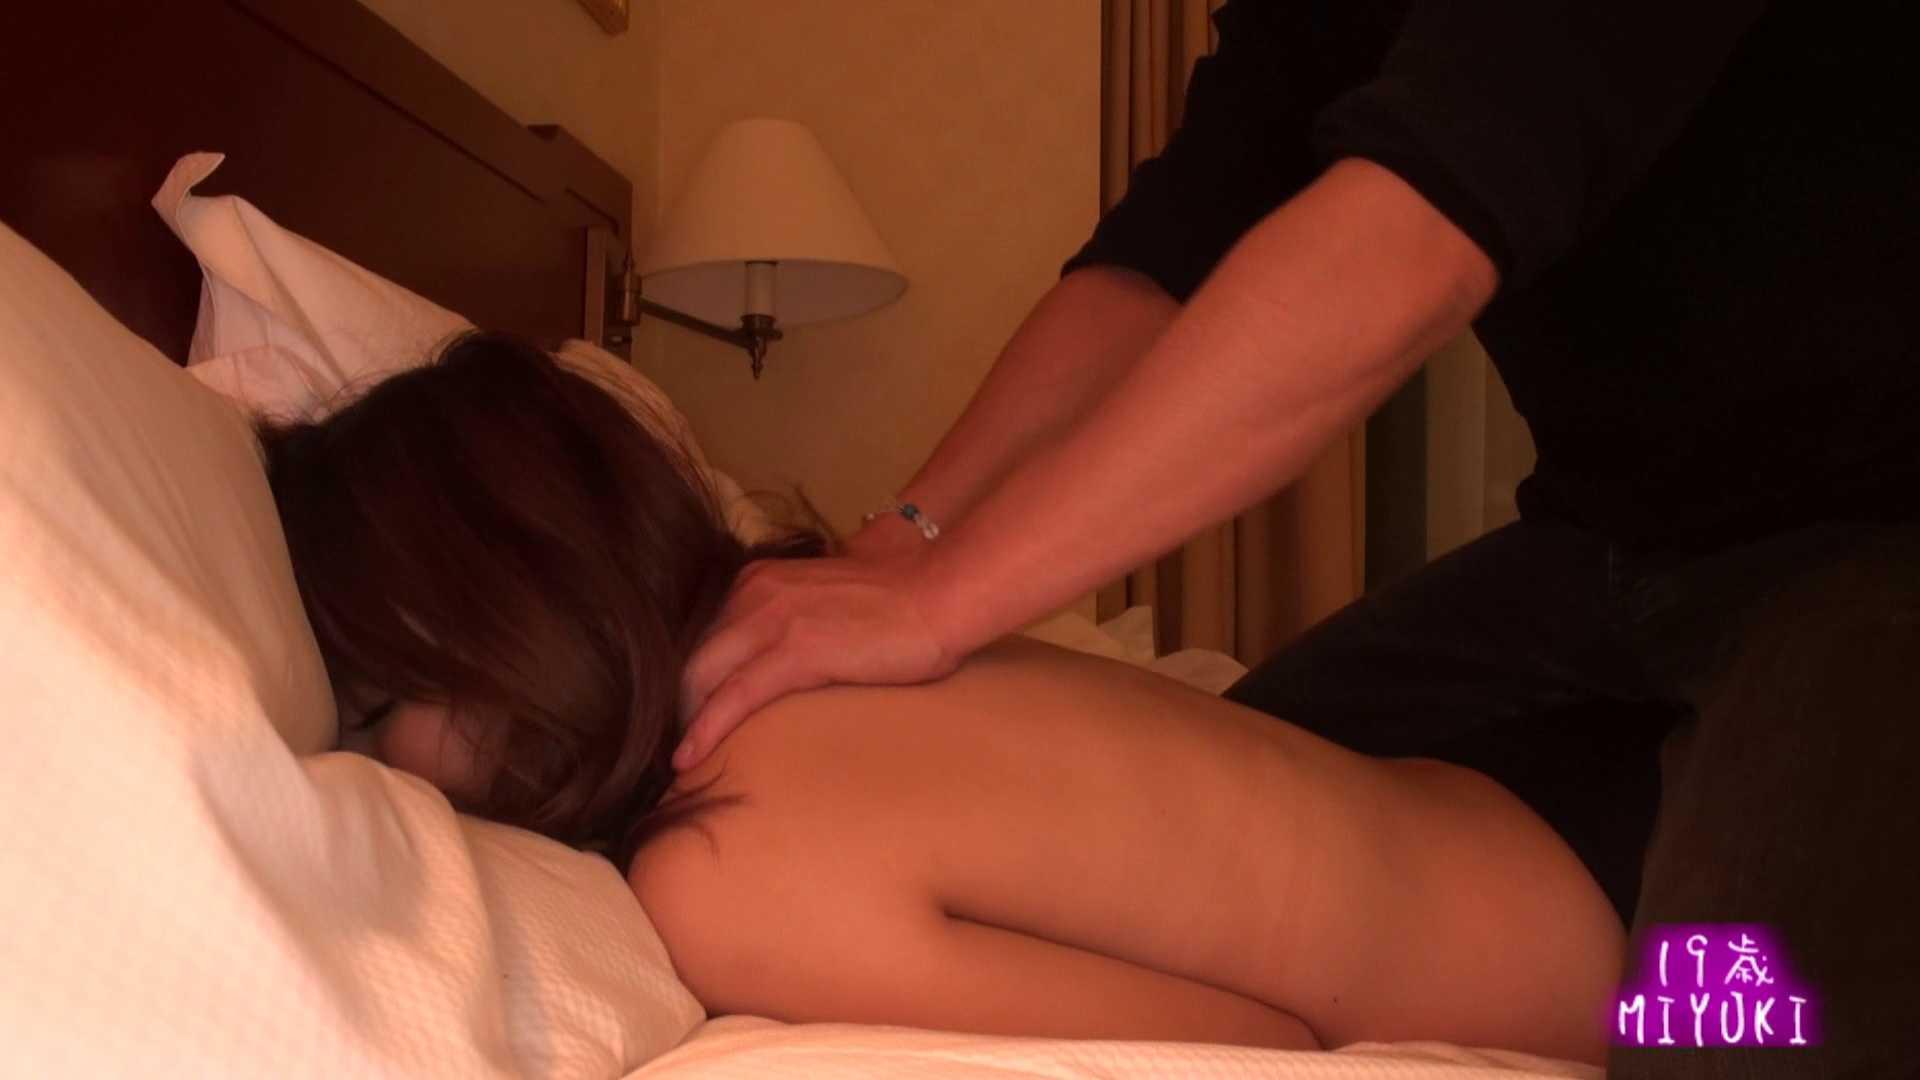 MIYUKIちゃんに男優さんがエロマッサージ メーカー直接買い取り | マッサージ  69画像 51